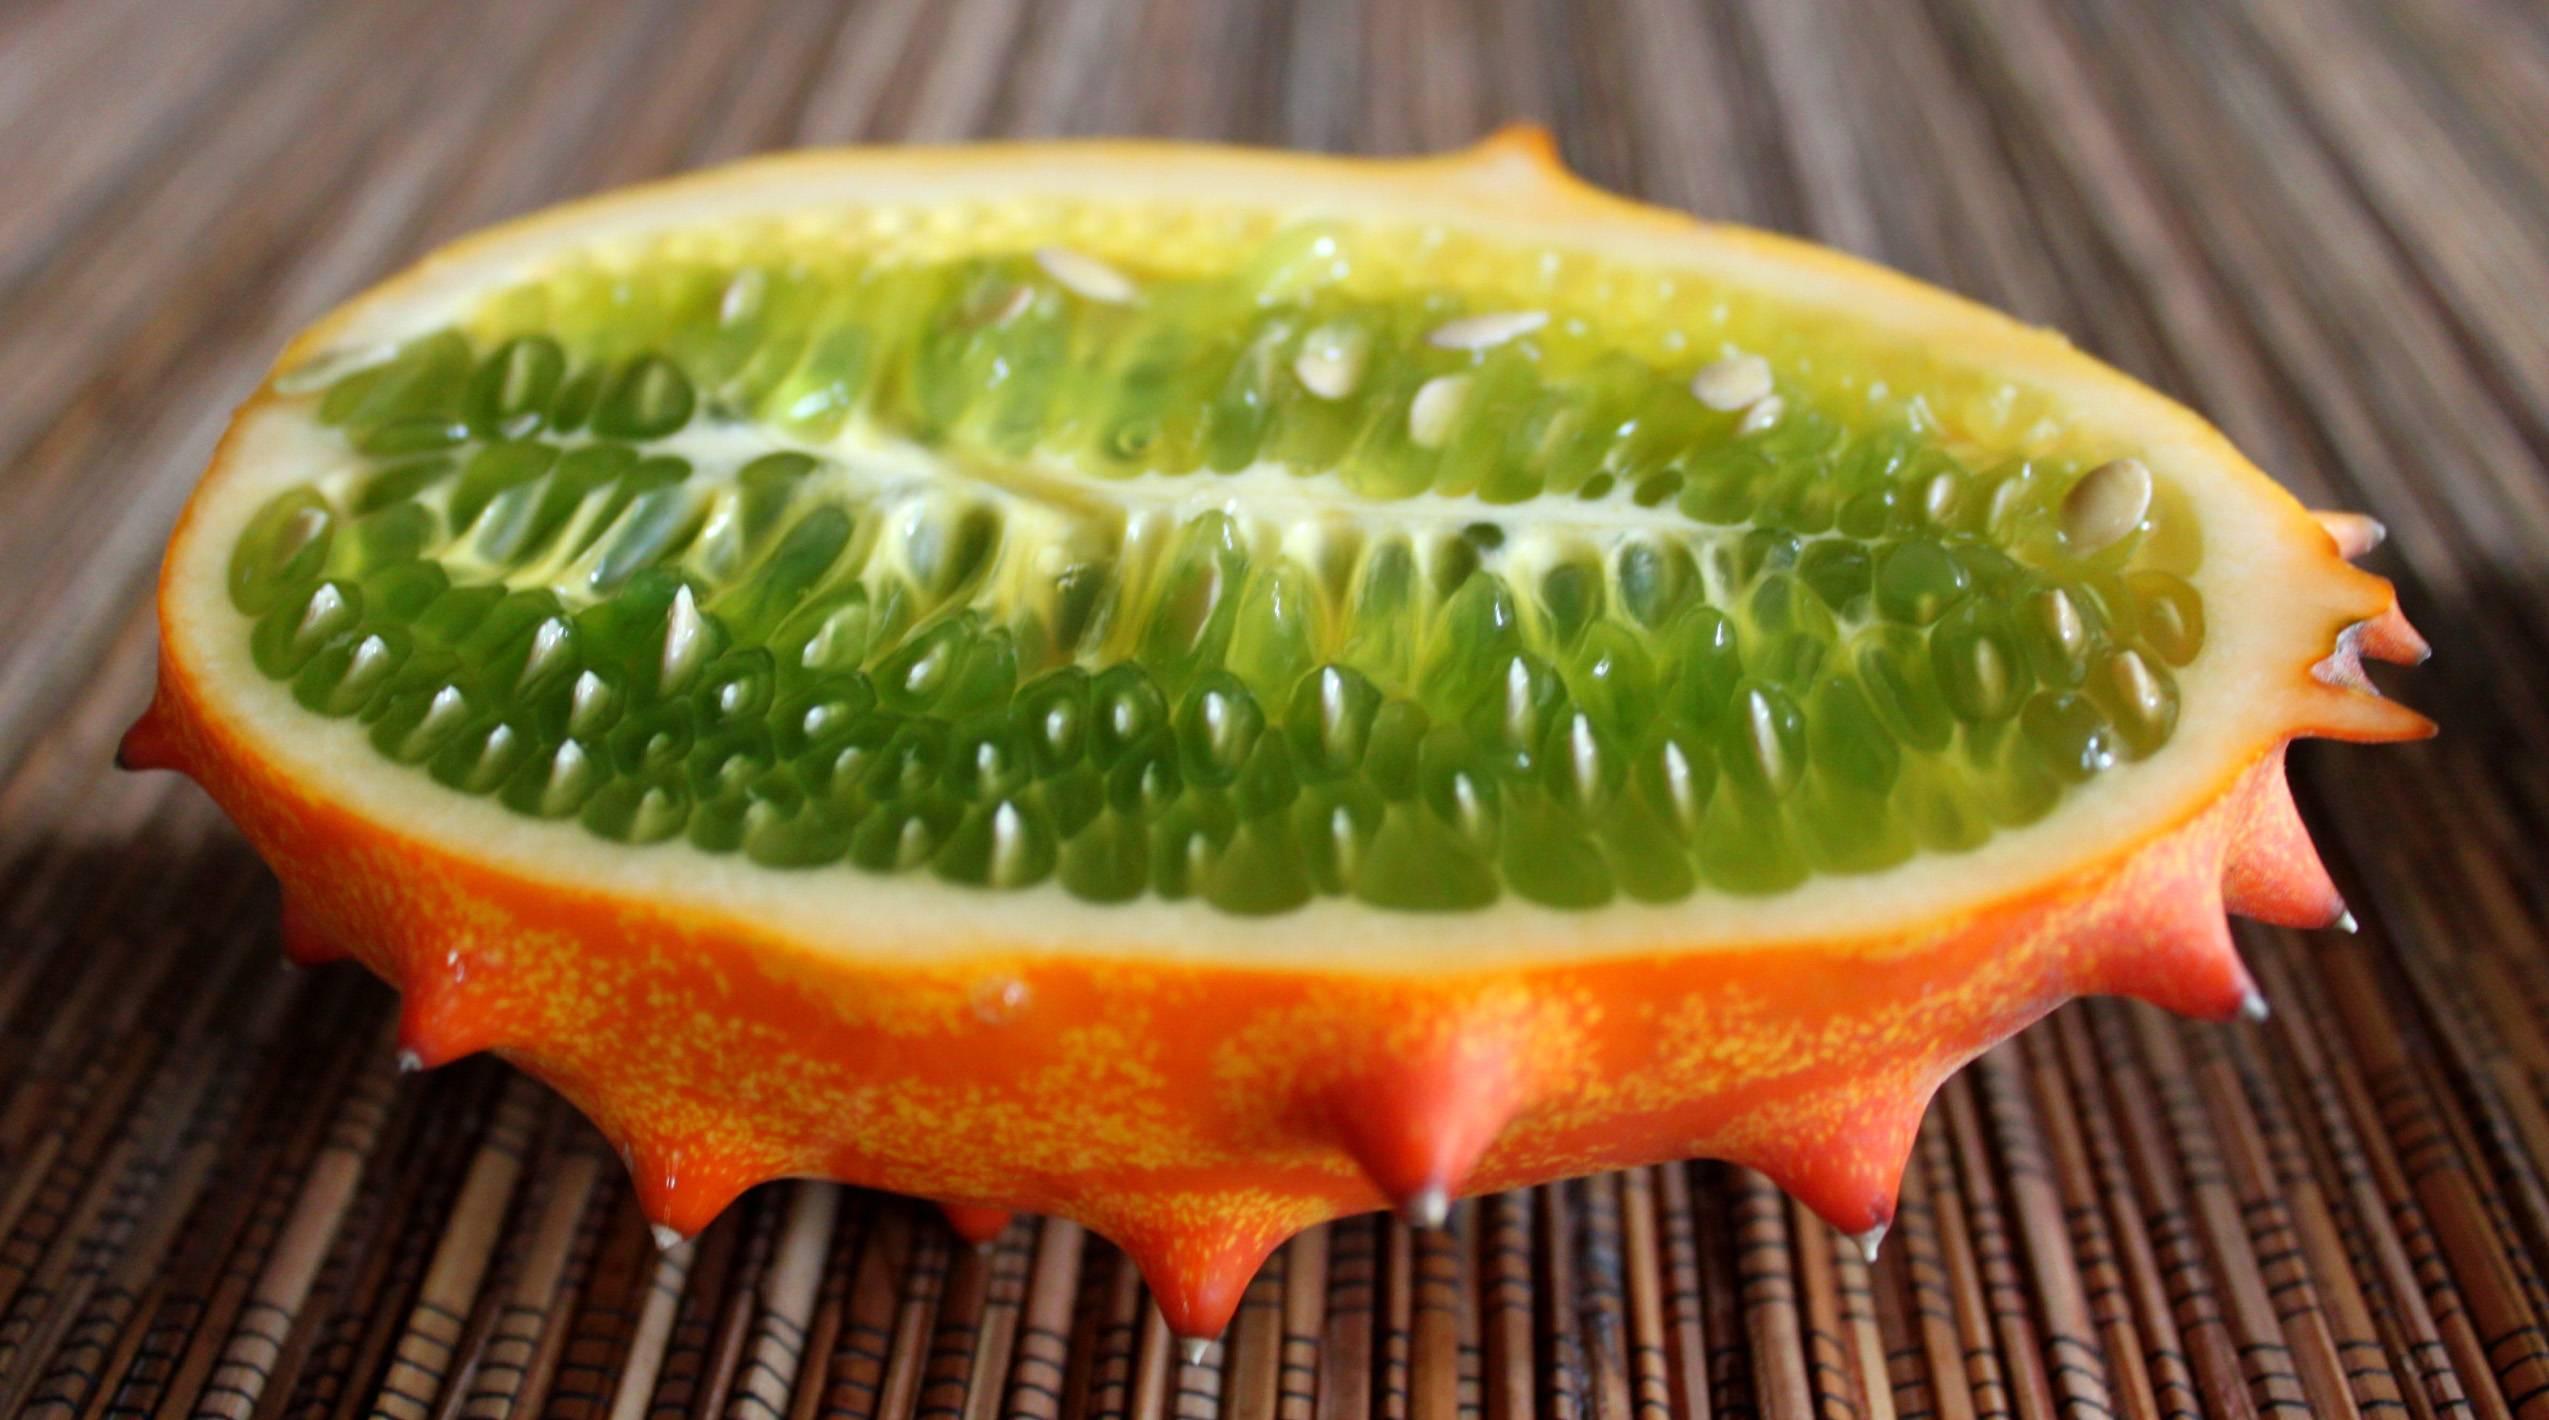 Кивано, рогатая дыня, африканский огурец — что это за фрукт?